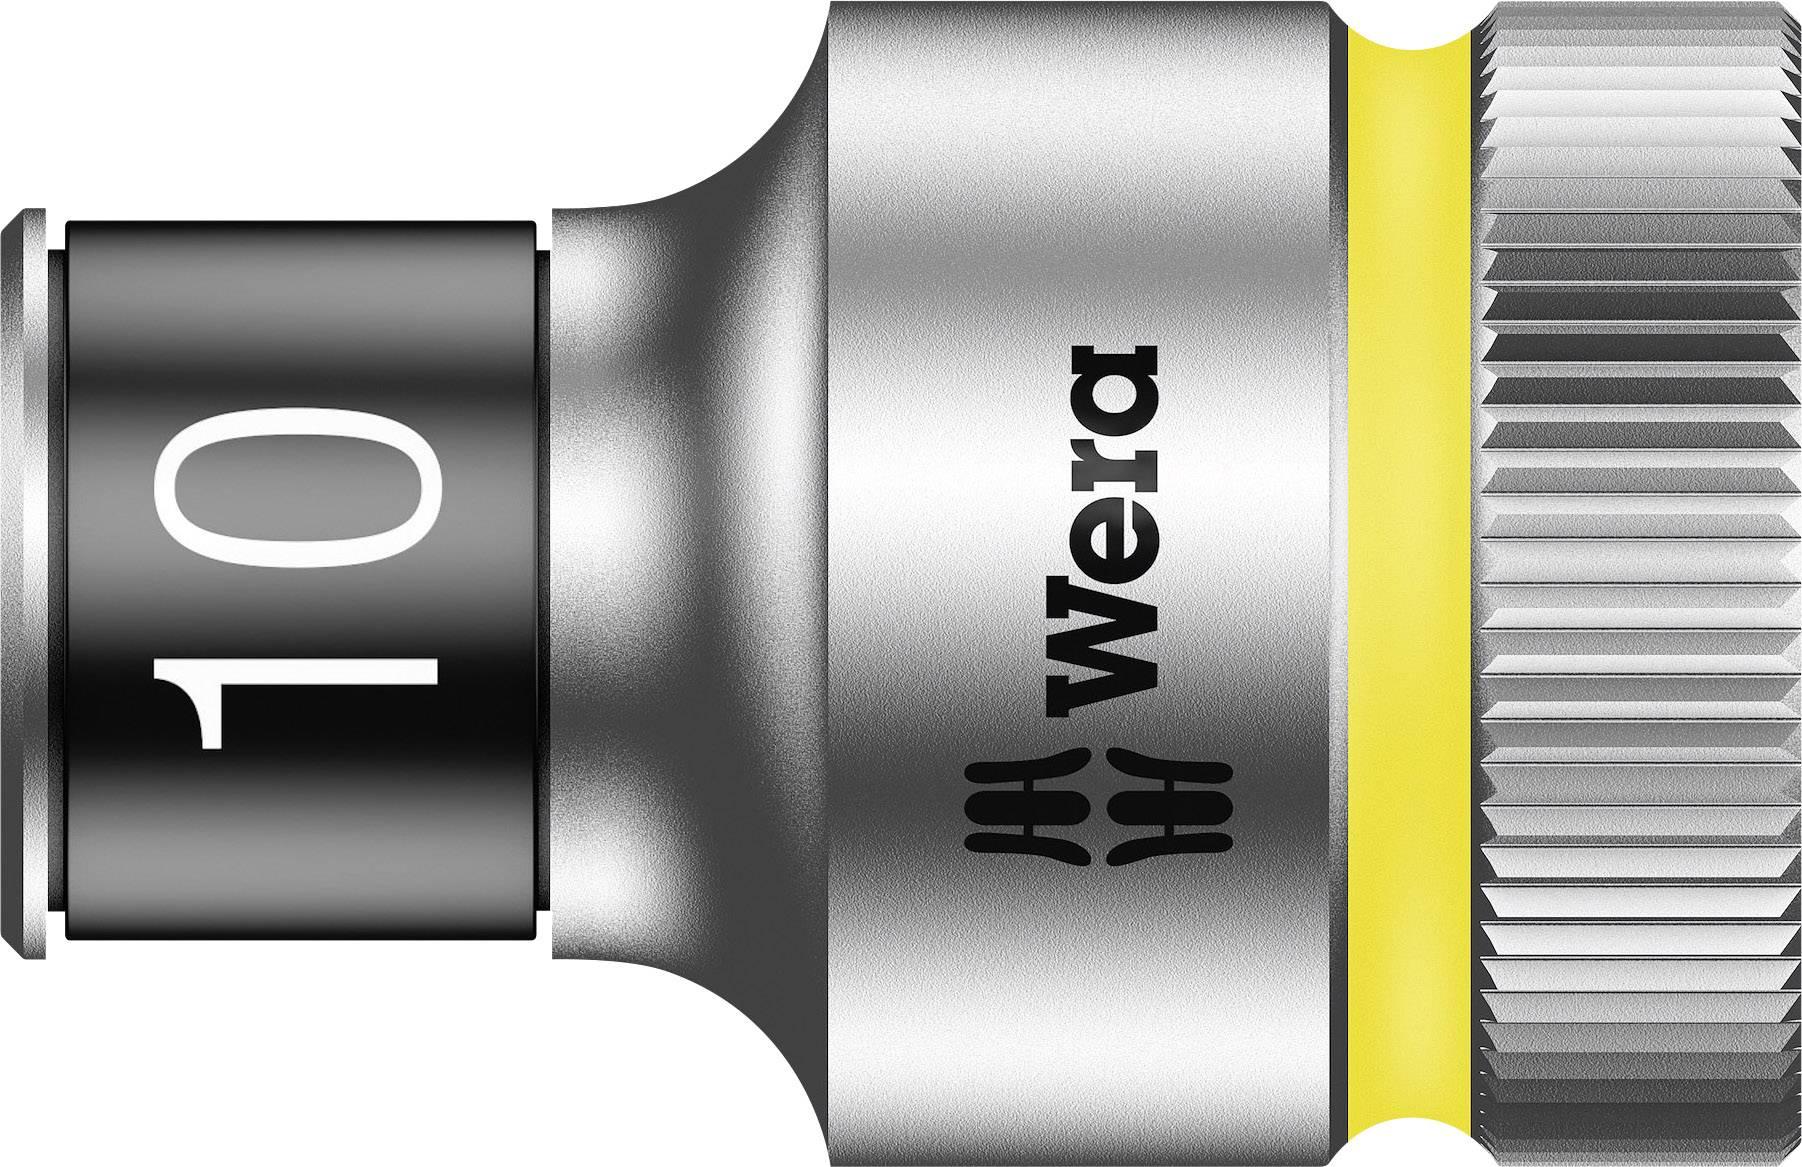 """Vložka pro nástrčný klíč, vnější šestihran Wera 8790 HMC HF 05003730001, 1/2"""", 10 mm, chrom-vanadová ocel"""